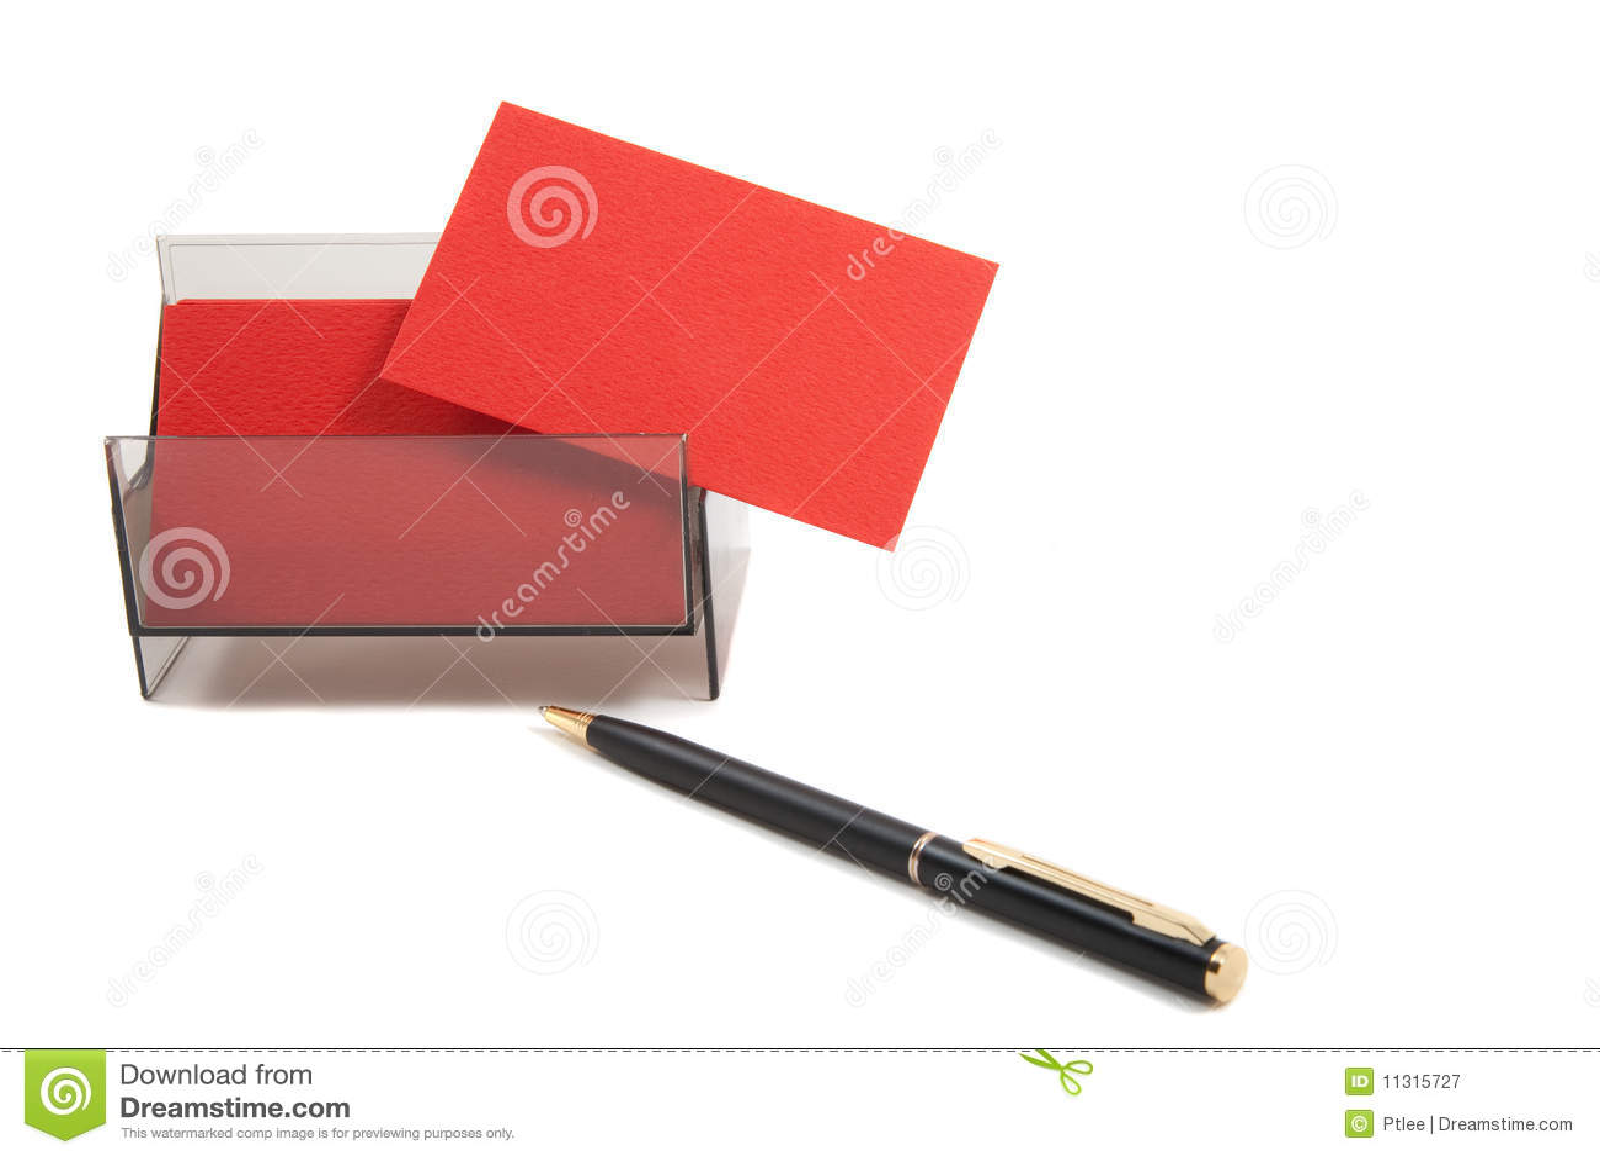 Rote Visitenkarte in einem Kasten auf weißem Hintergrund